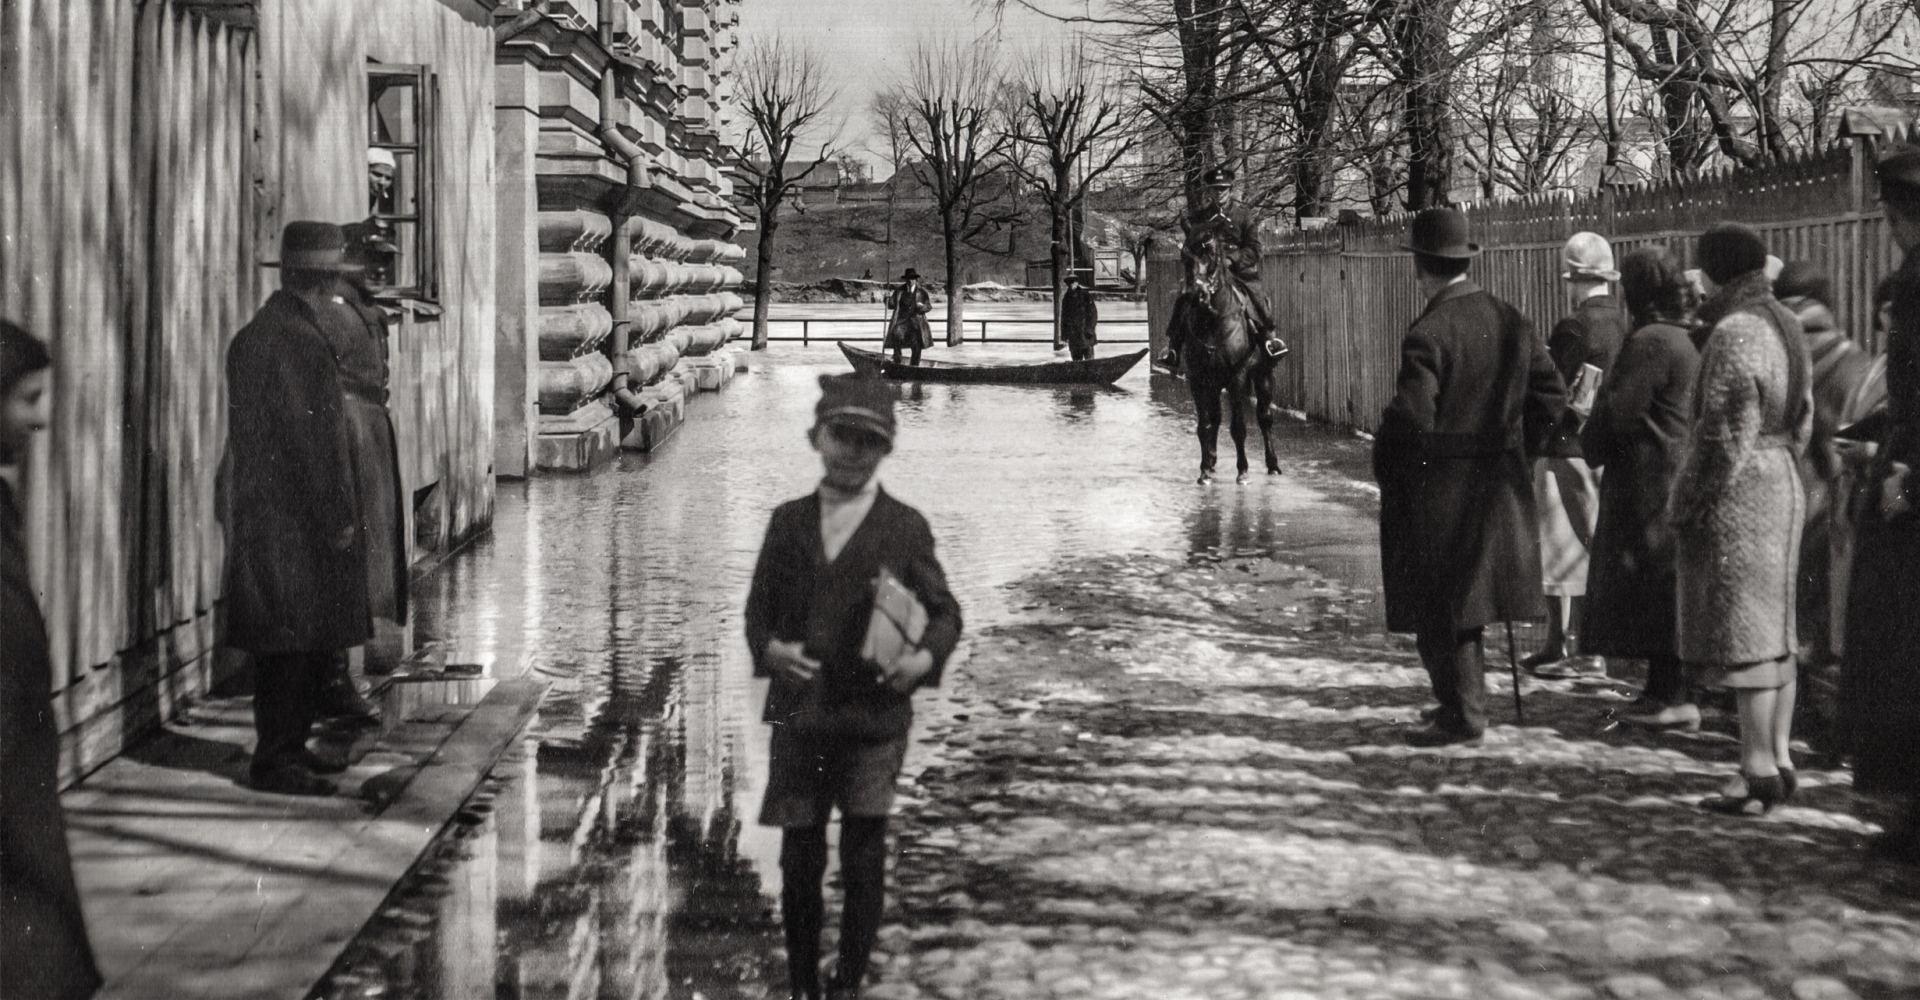 Potvynis-Vilniuje-1931m